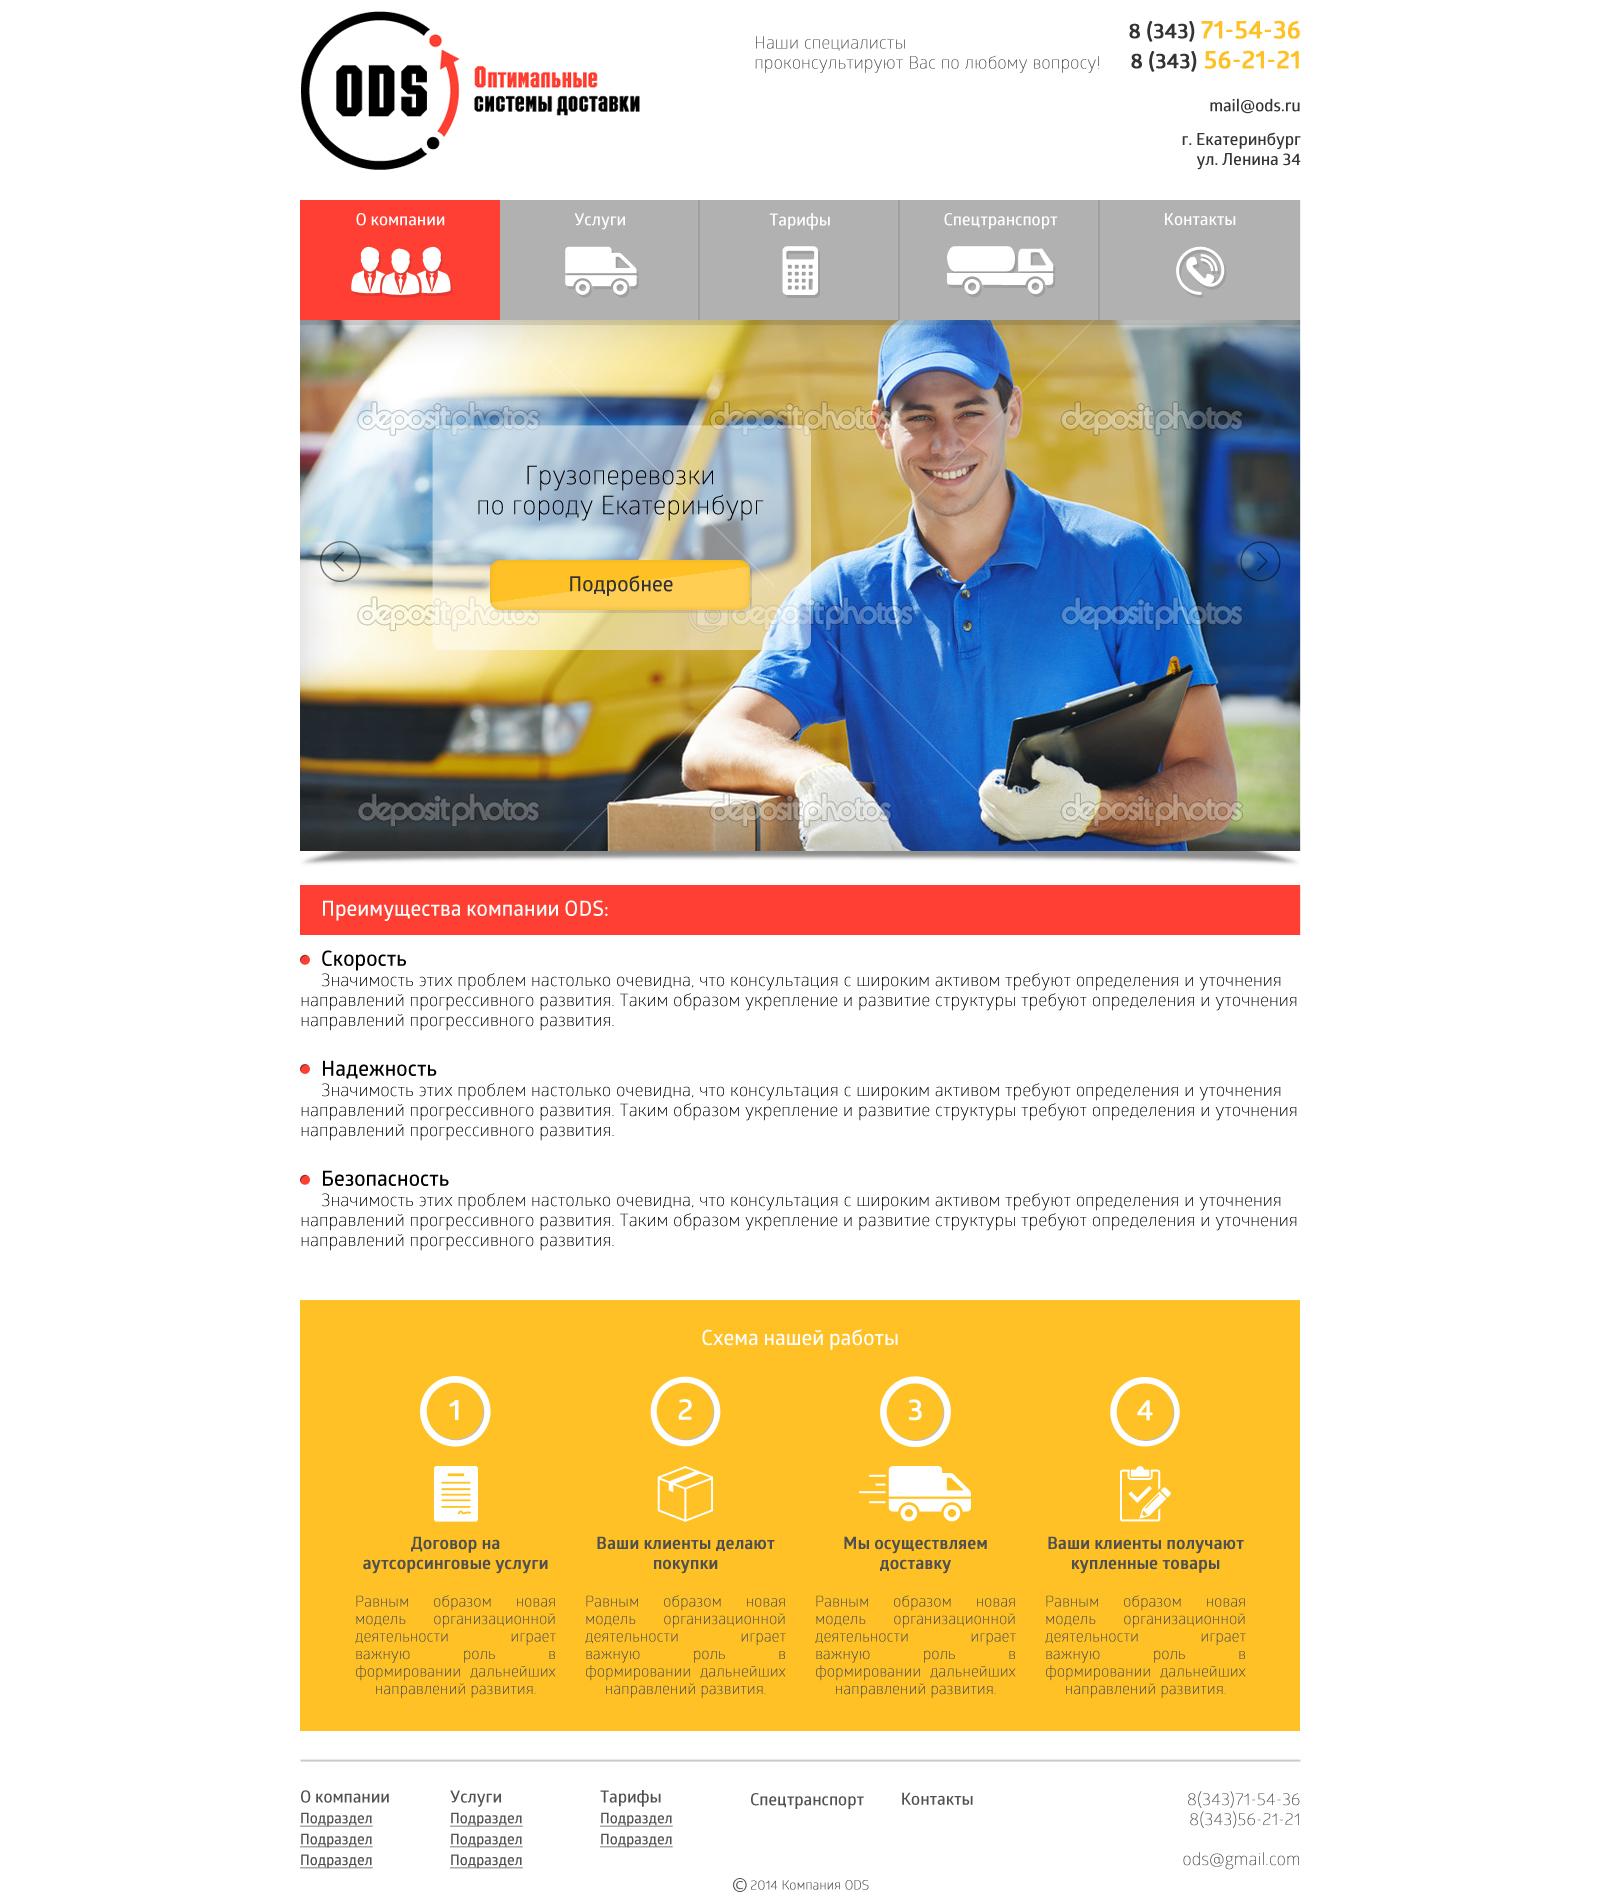 Дизайн сайта-визитки для транспортной компании фото f_15553cc0deaa8d04.jpg